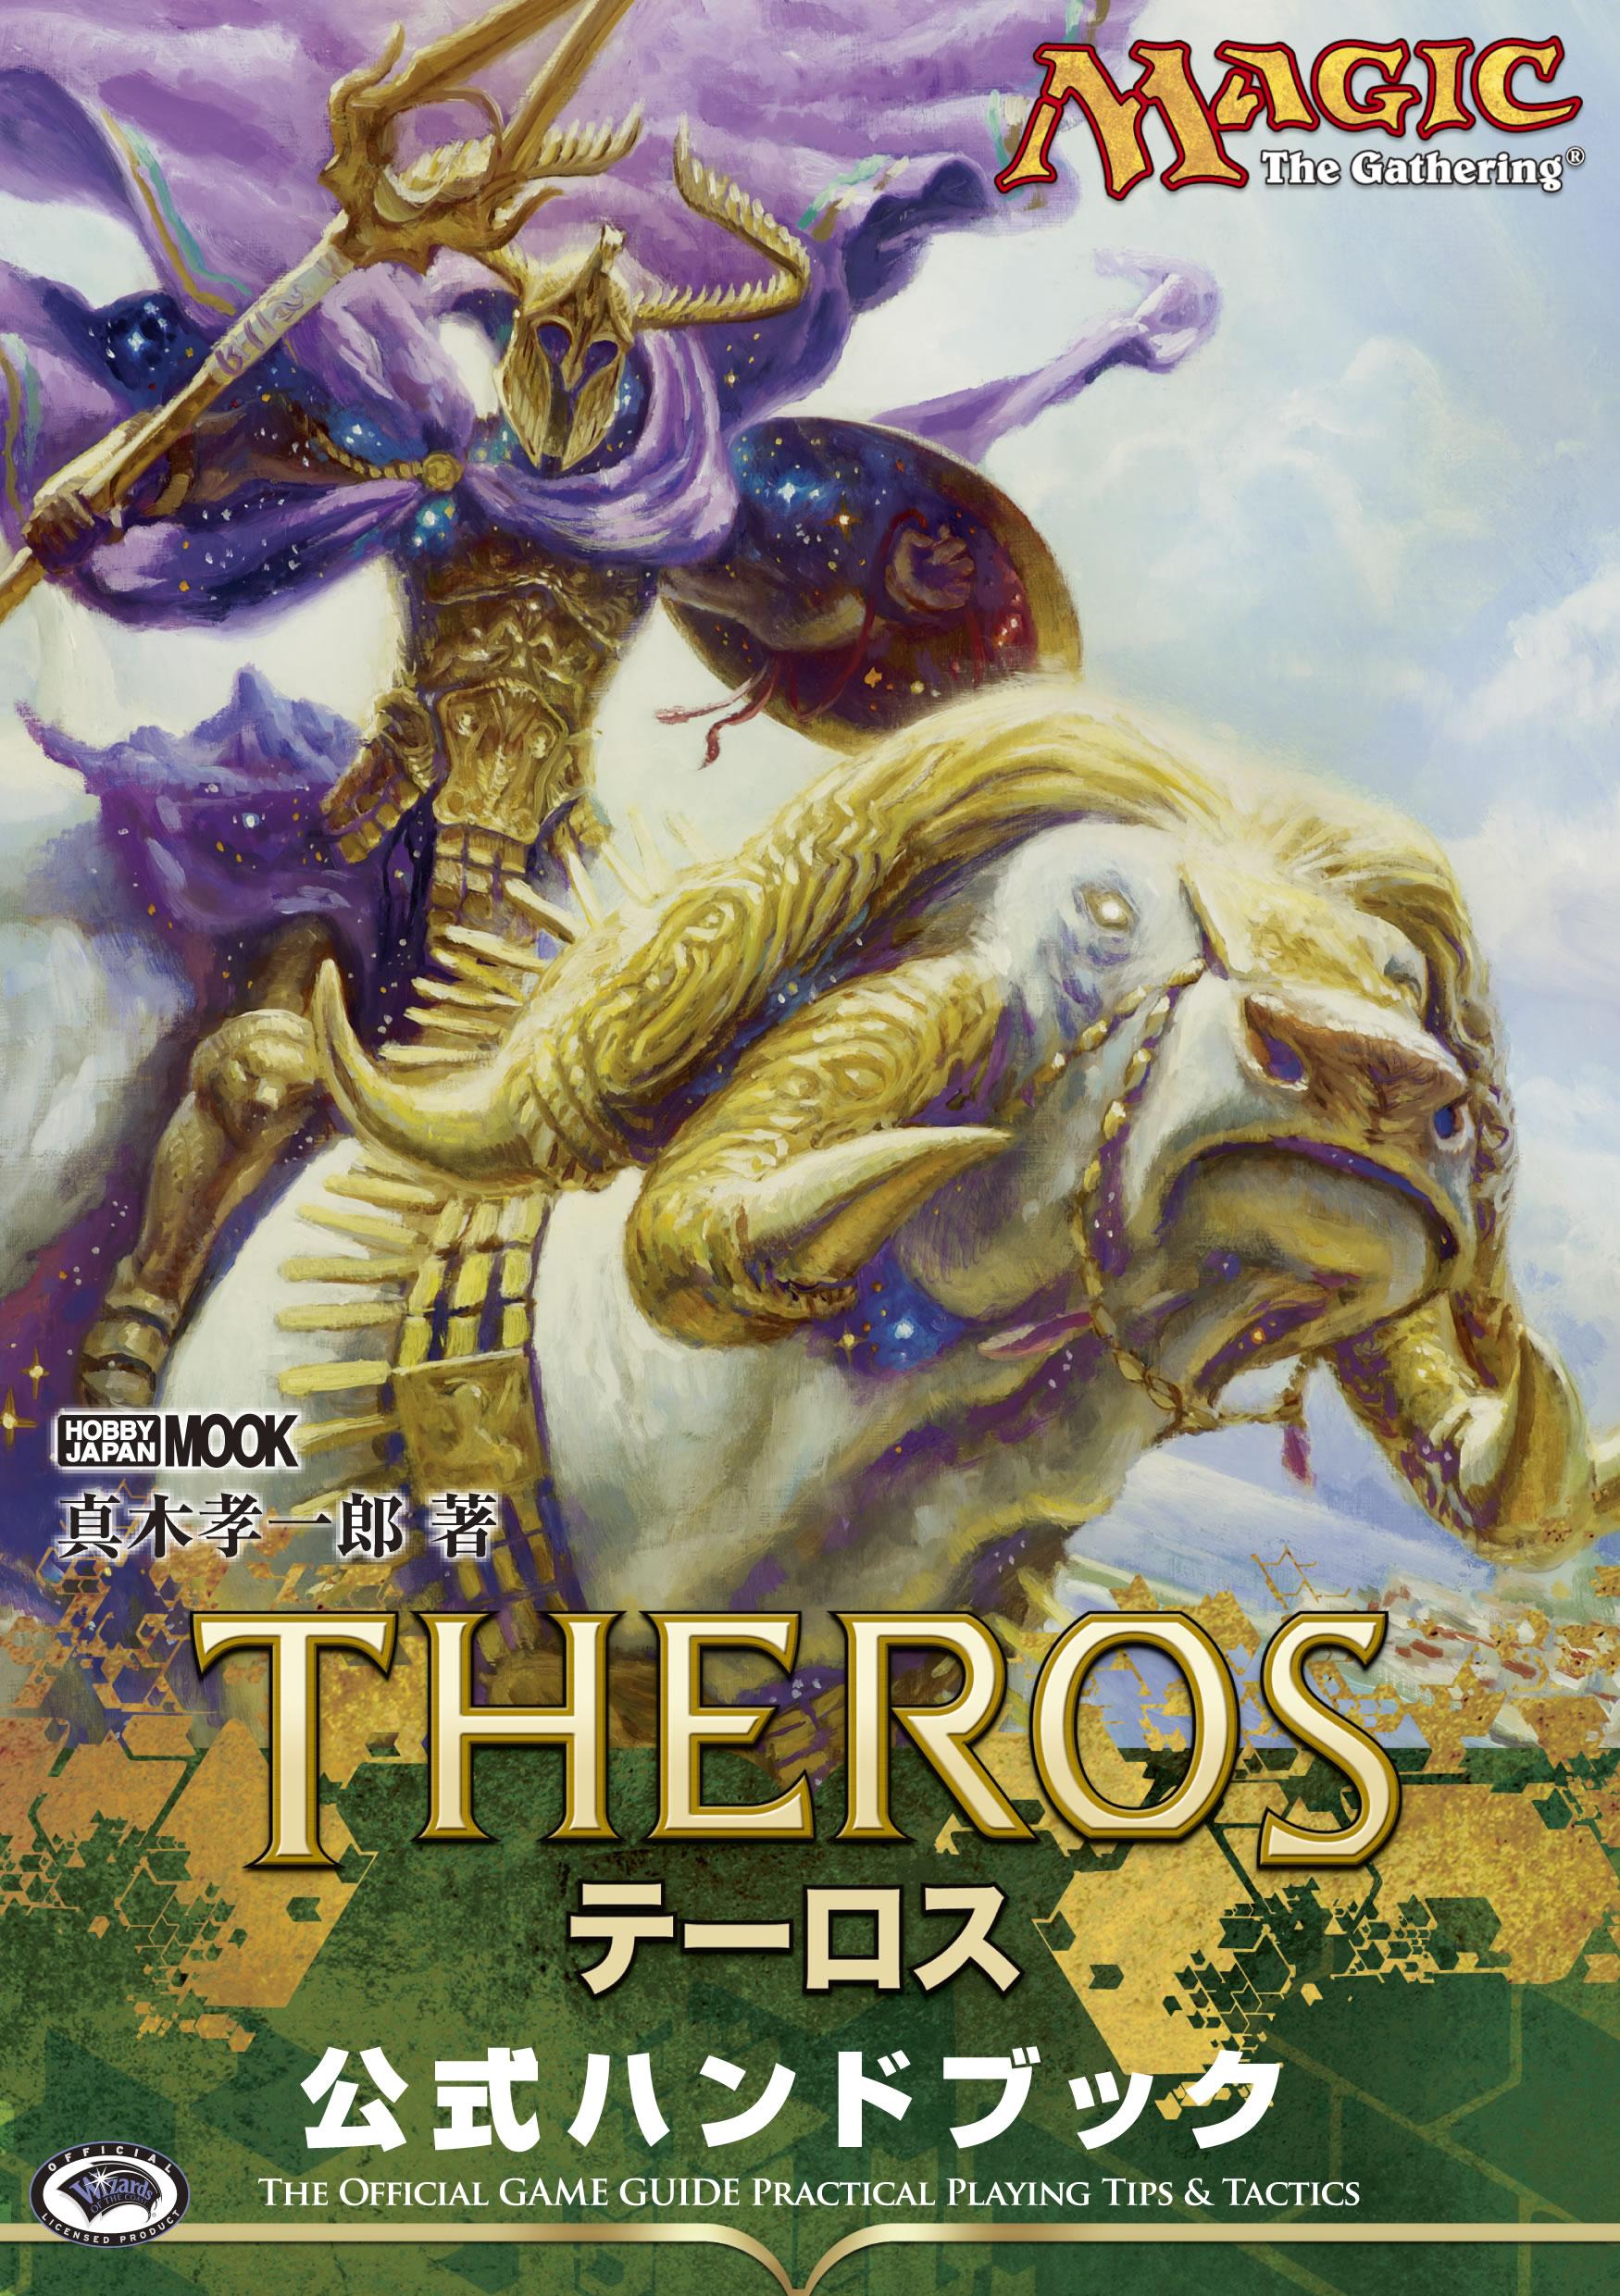 『マジック:ザ・ギャザリング』最新セット 「テーロス」収録のカード全249種類をフルカラーで掲載! 「マジック:ザ・ギャザリング テーロス公式ハンドブック」9月27日発売